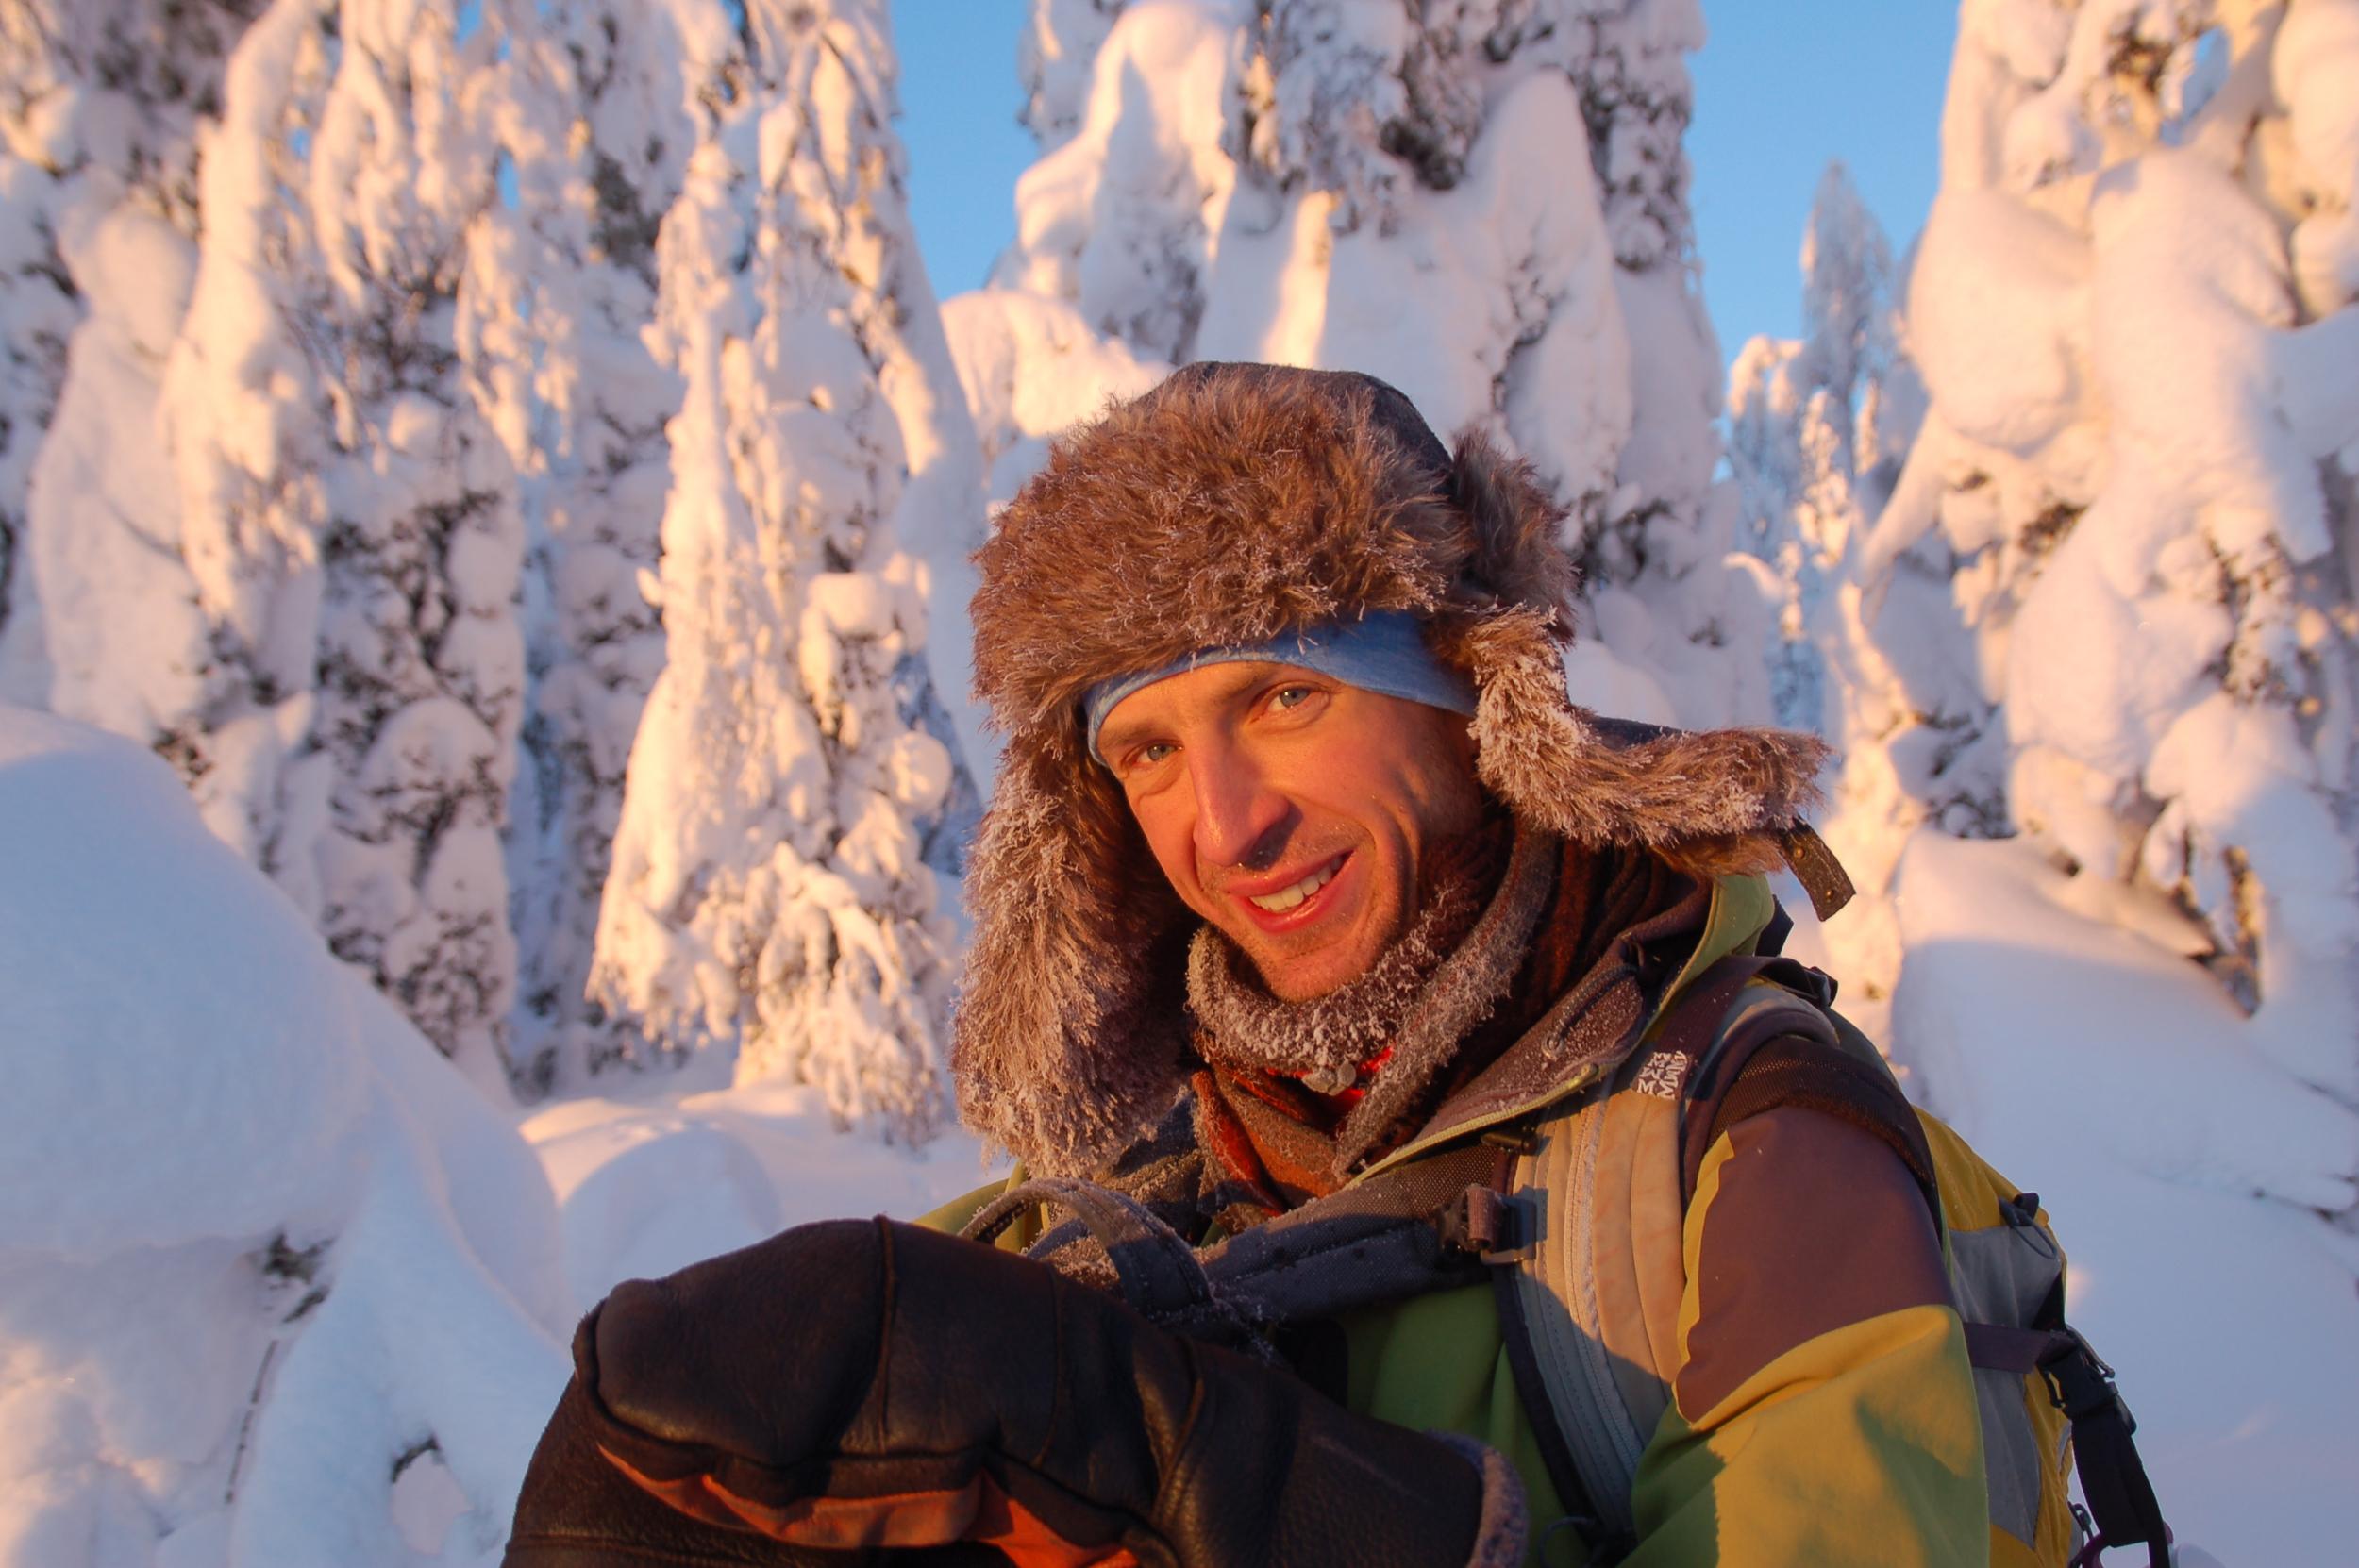 Nous espérons faire votre connaissance en Laponie l'hiver prochain! Tuomas & Johanna